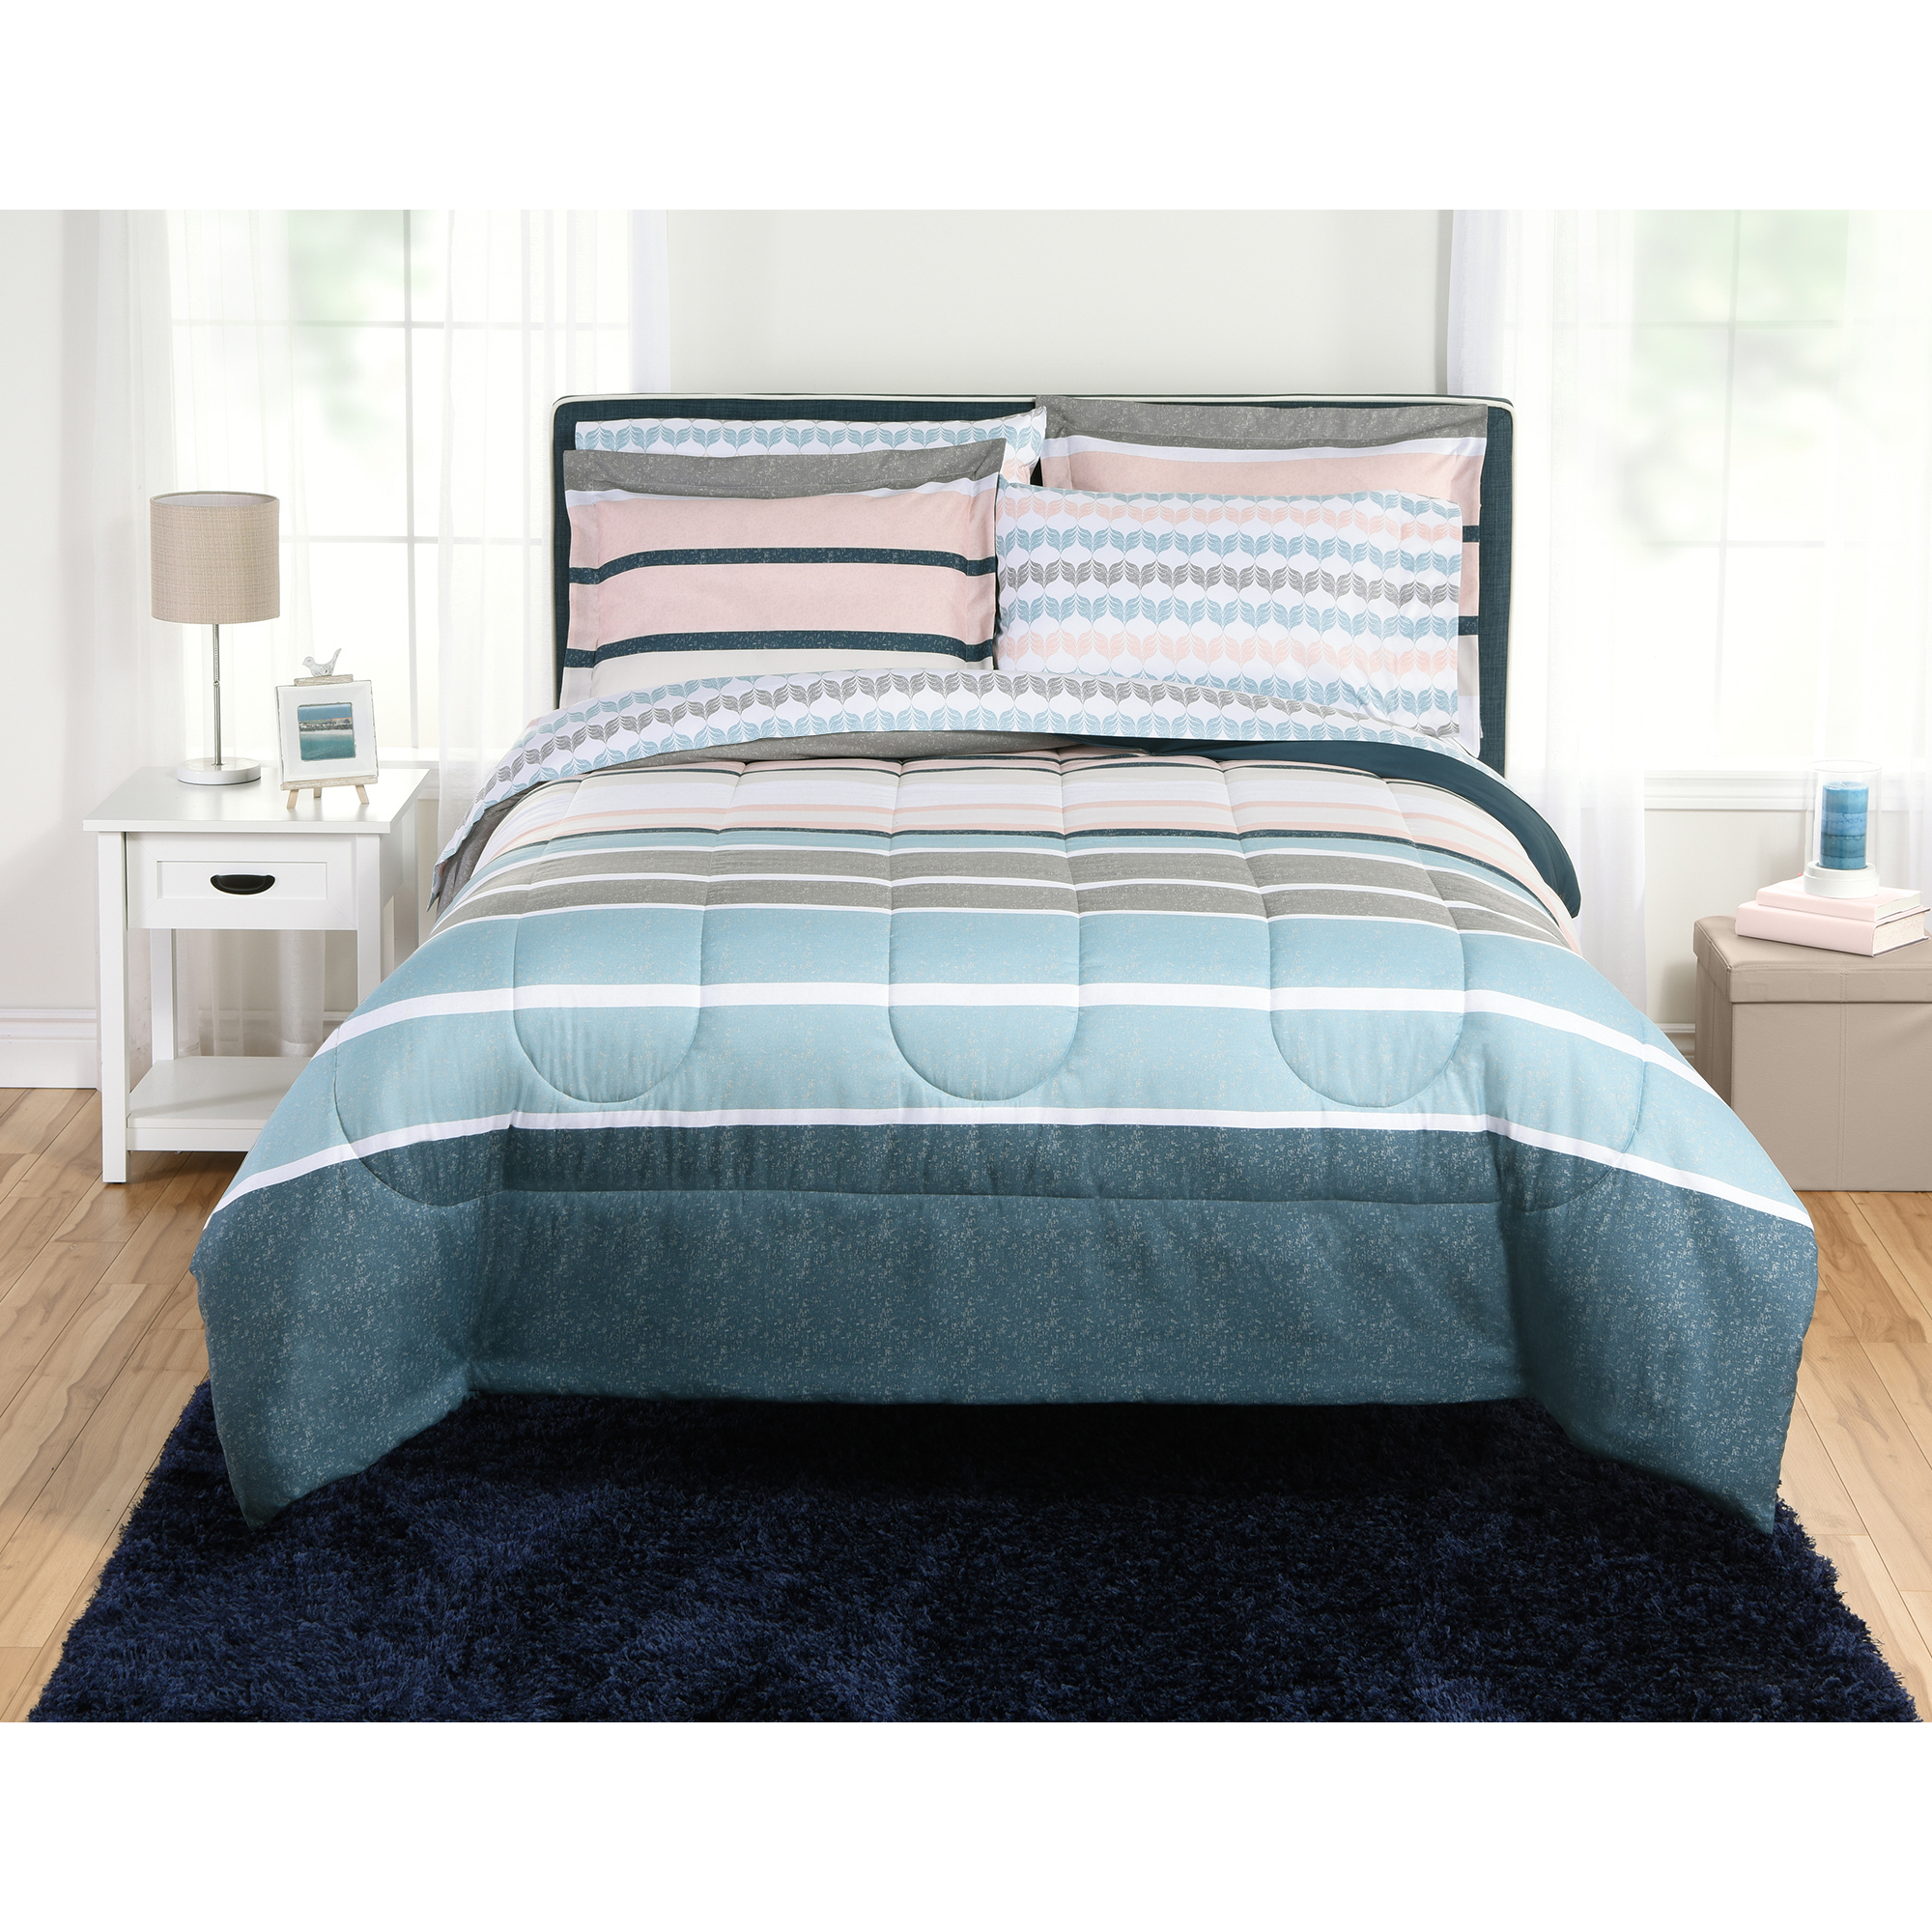 Mainstays Crescent Bed-in-a-Bag Comforter Set